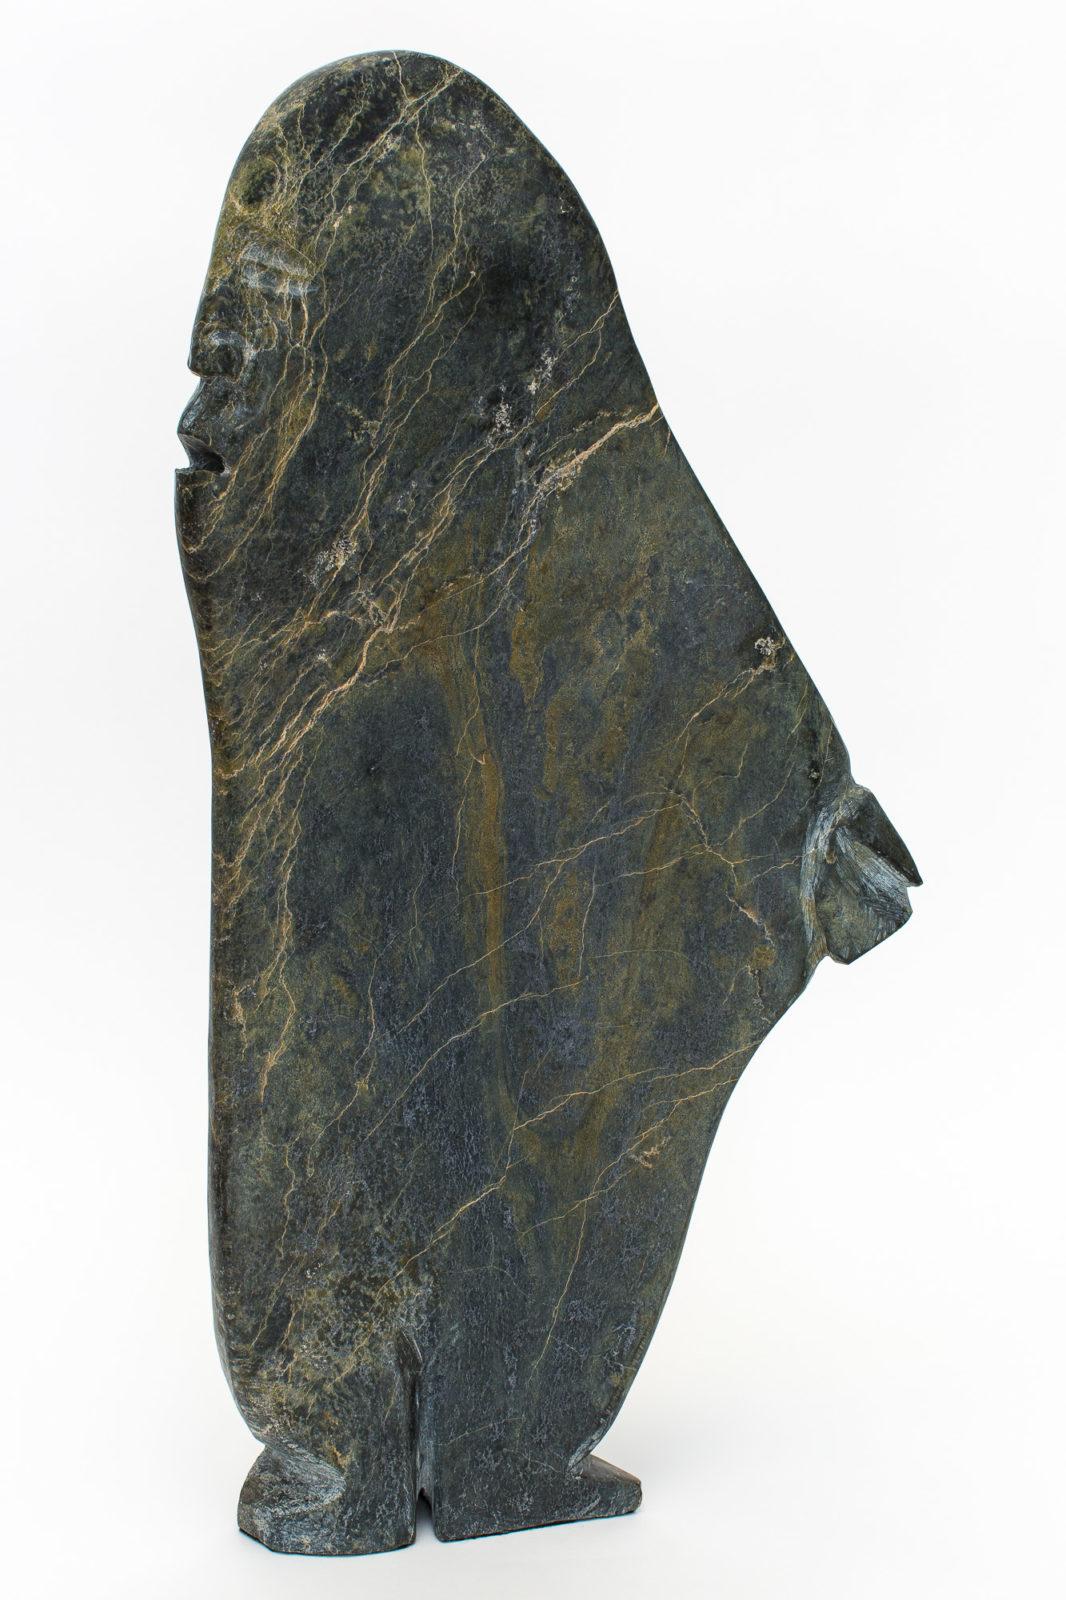 Jutai Toonoo - My Last Carving